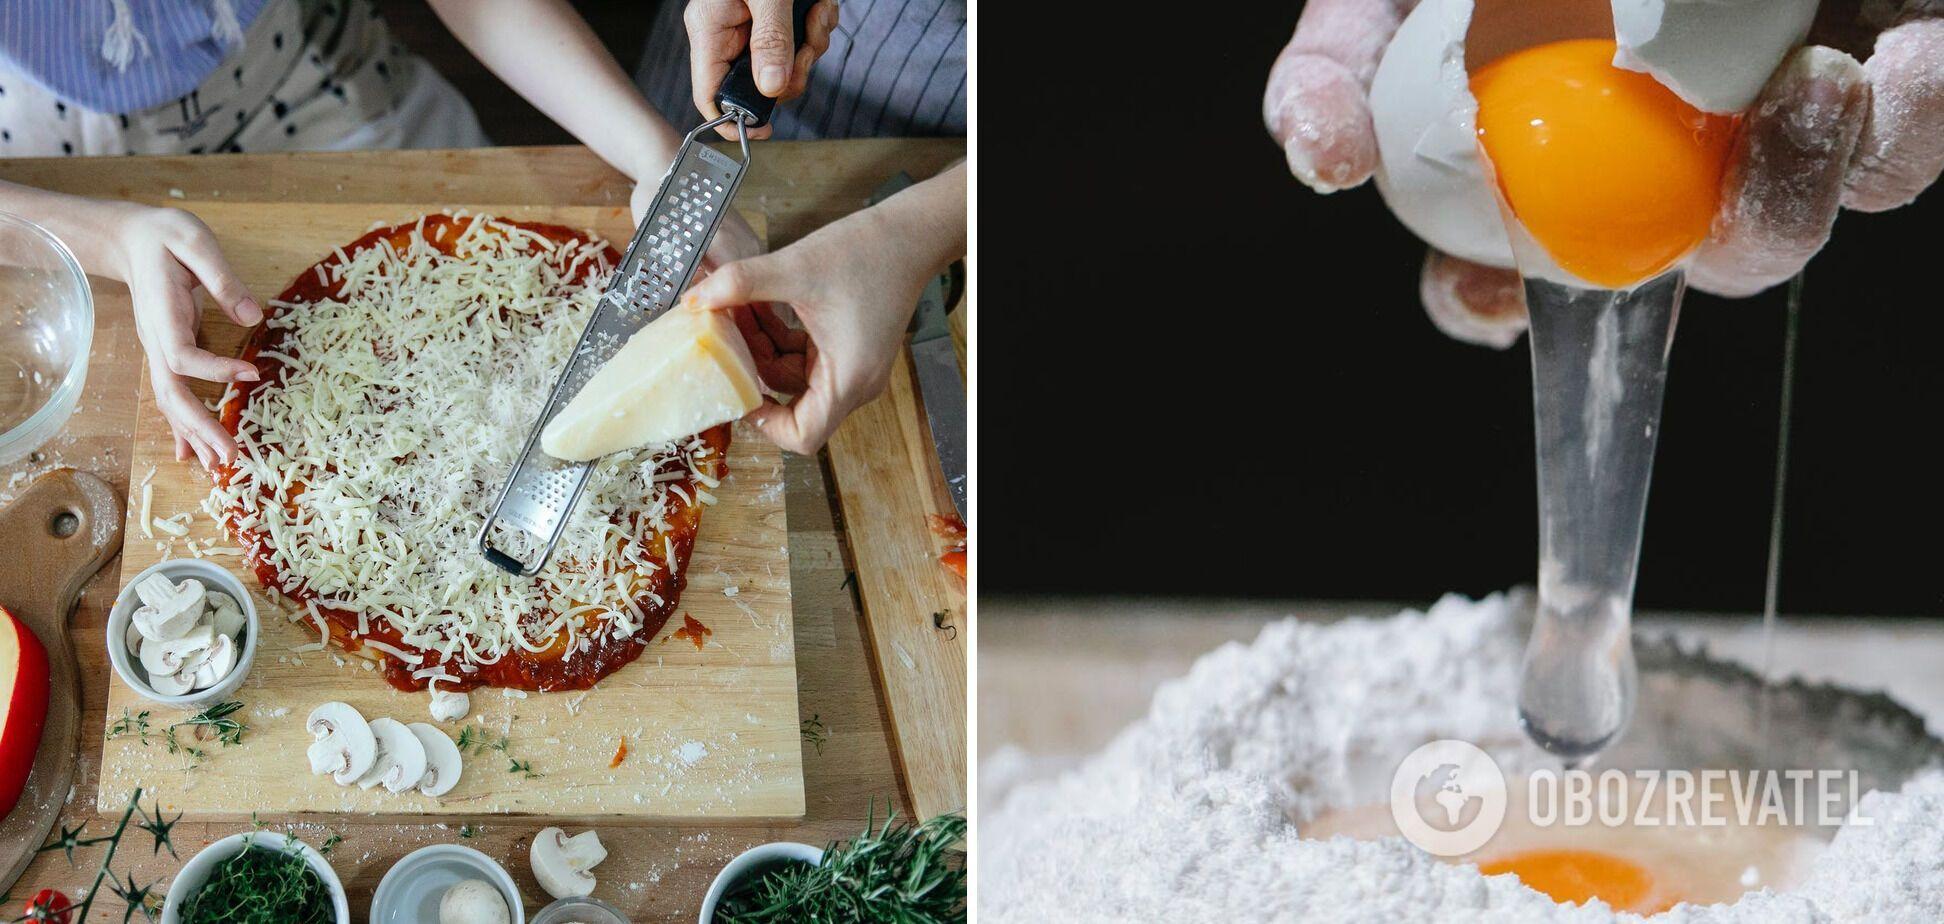 Процес приготування піци в домашніх умовах